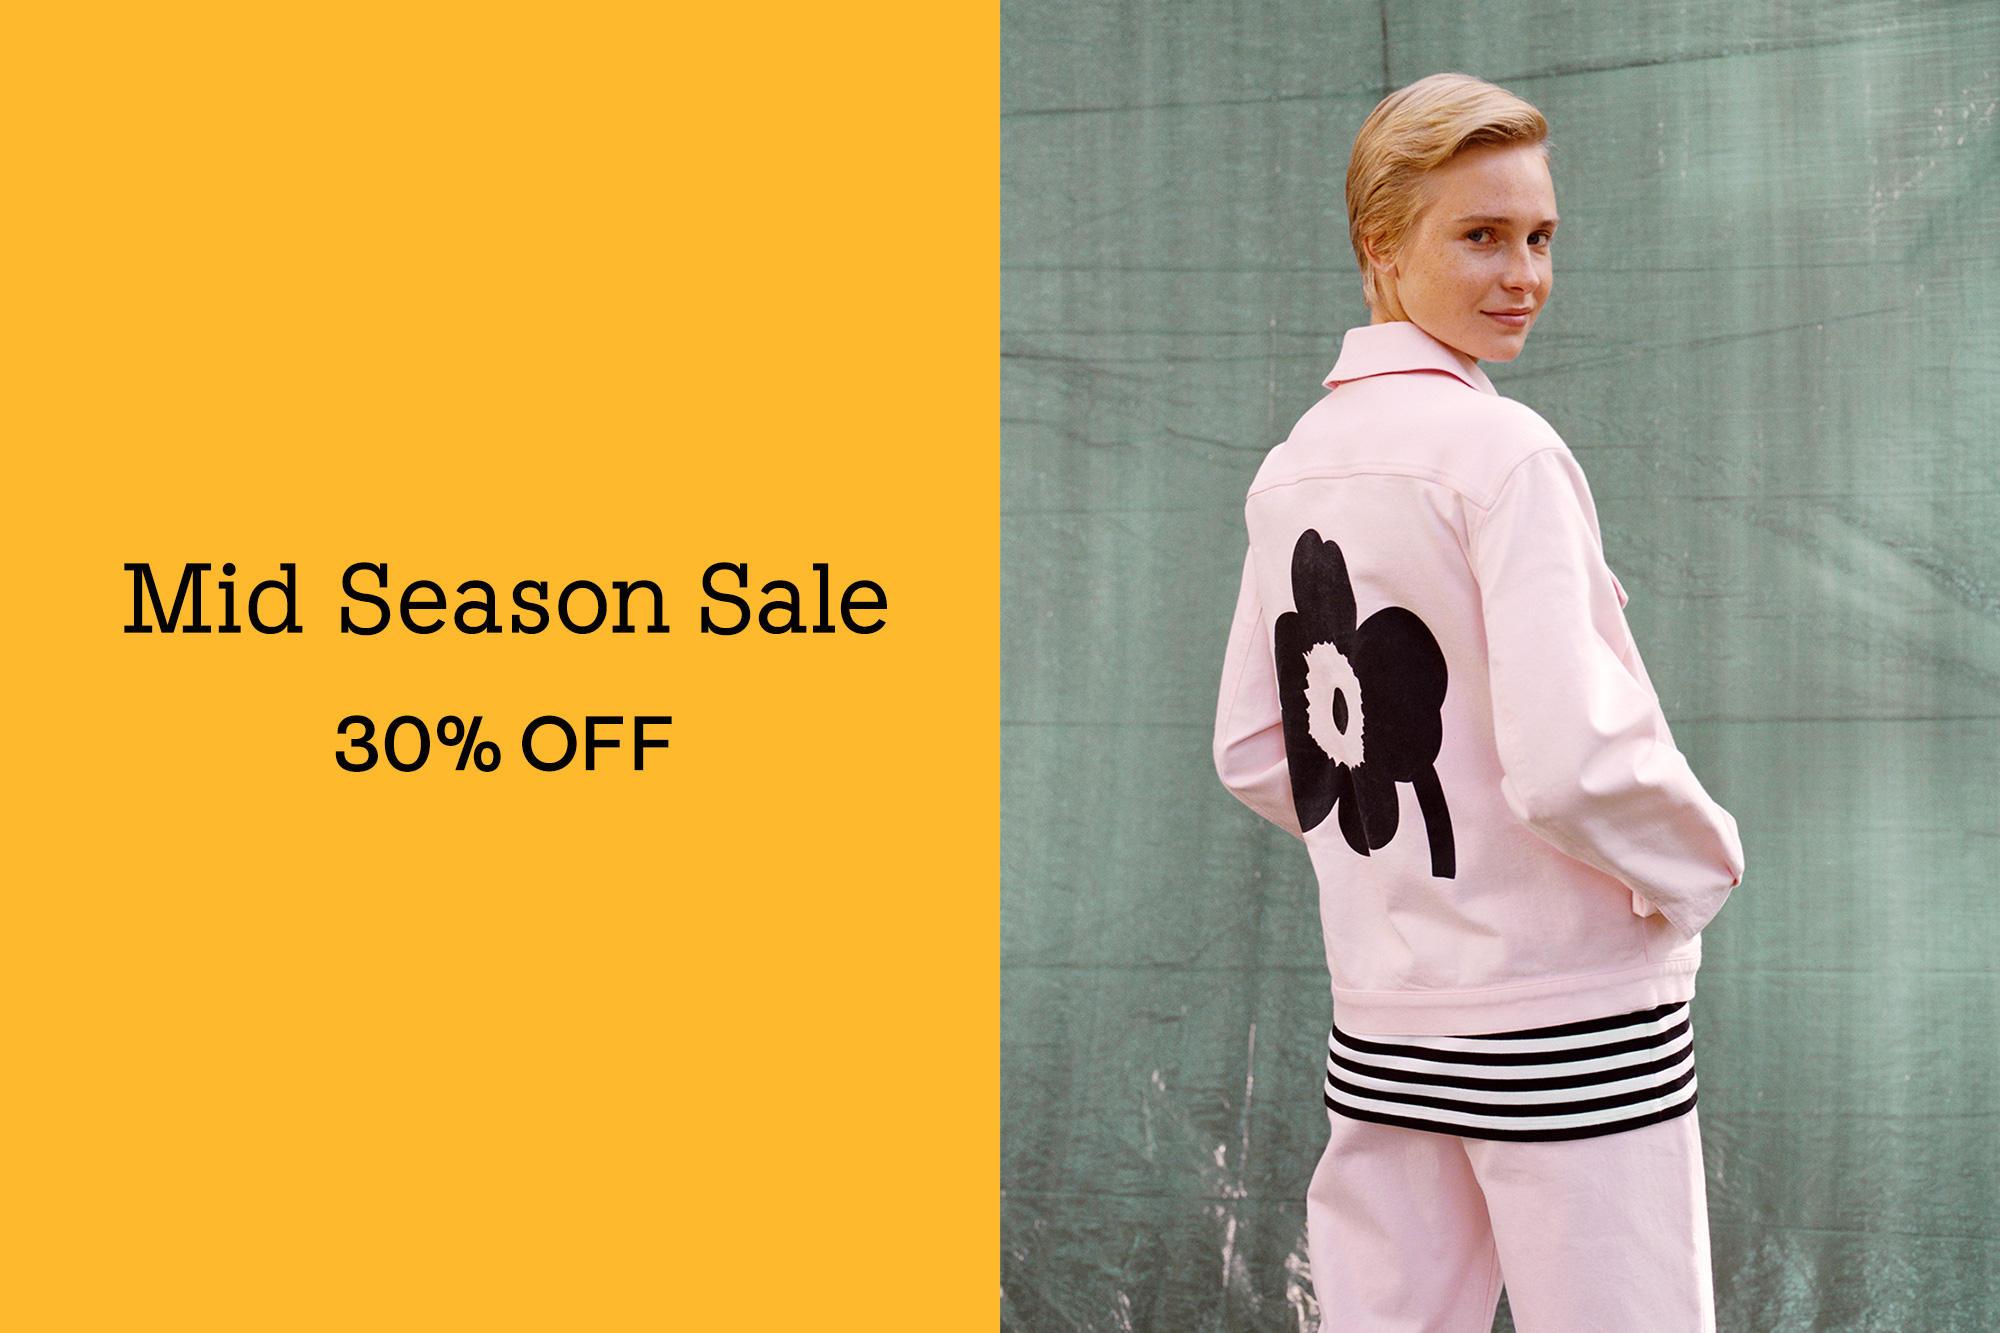 11.13- Mid Season Sale